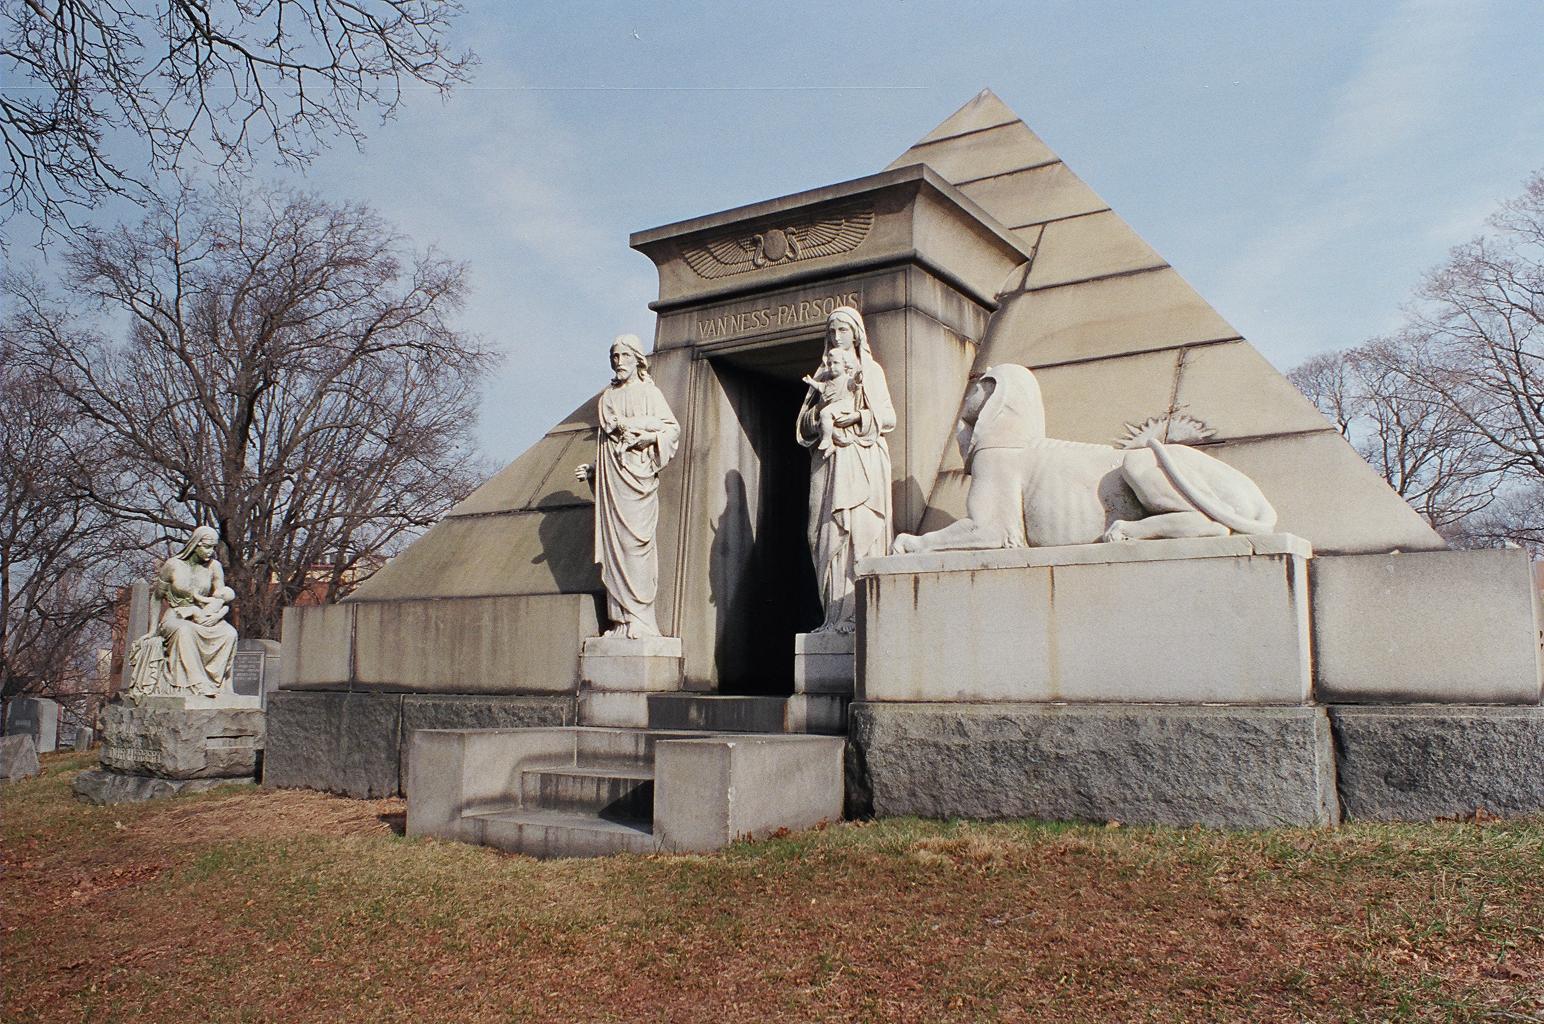 Van Ness Parsons Mausoleum Egyptian Revival Architecture